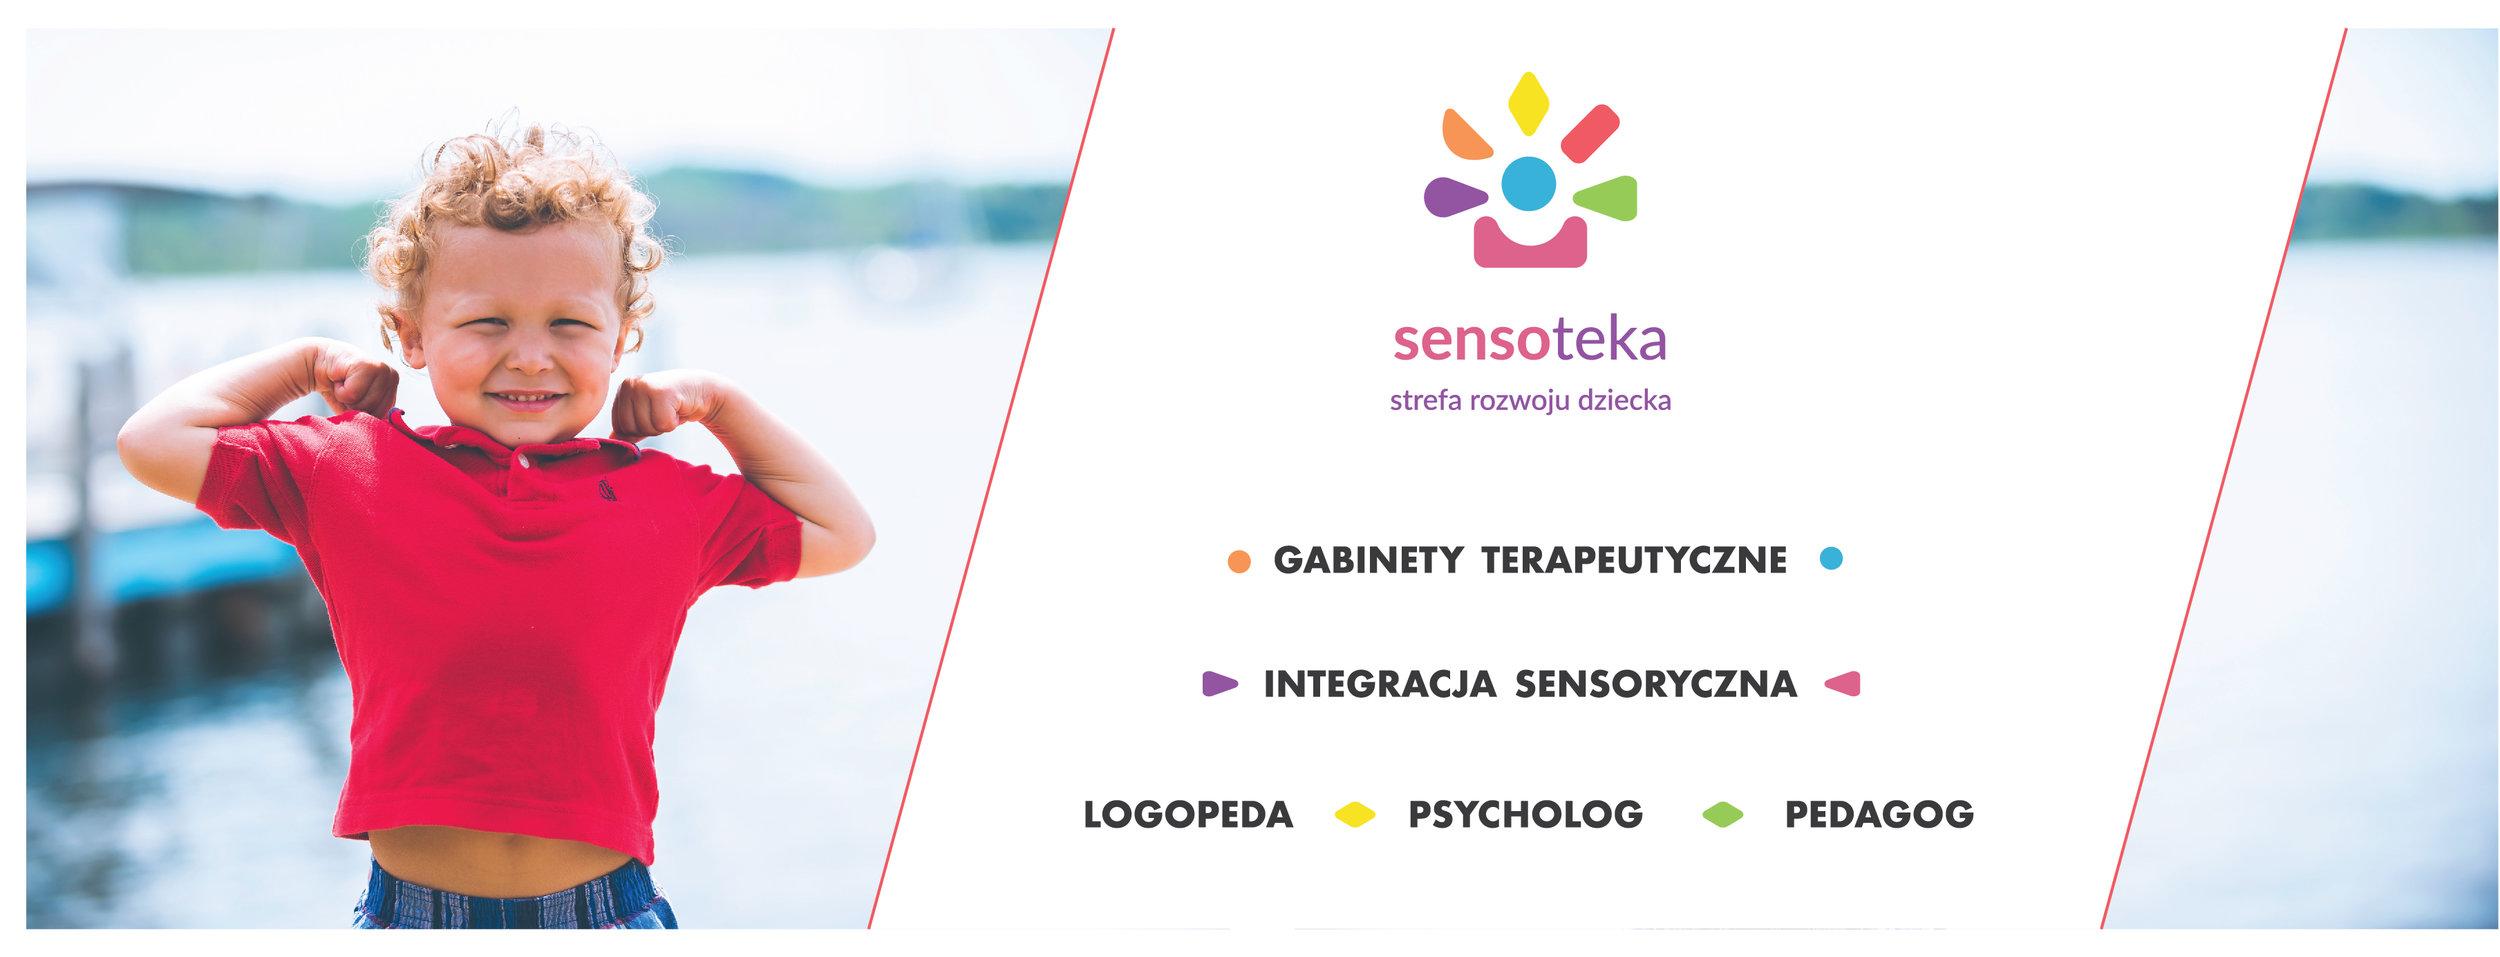 Sensoteka_grafiki_gotowe-18.jpg